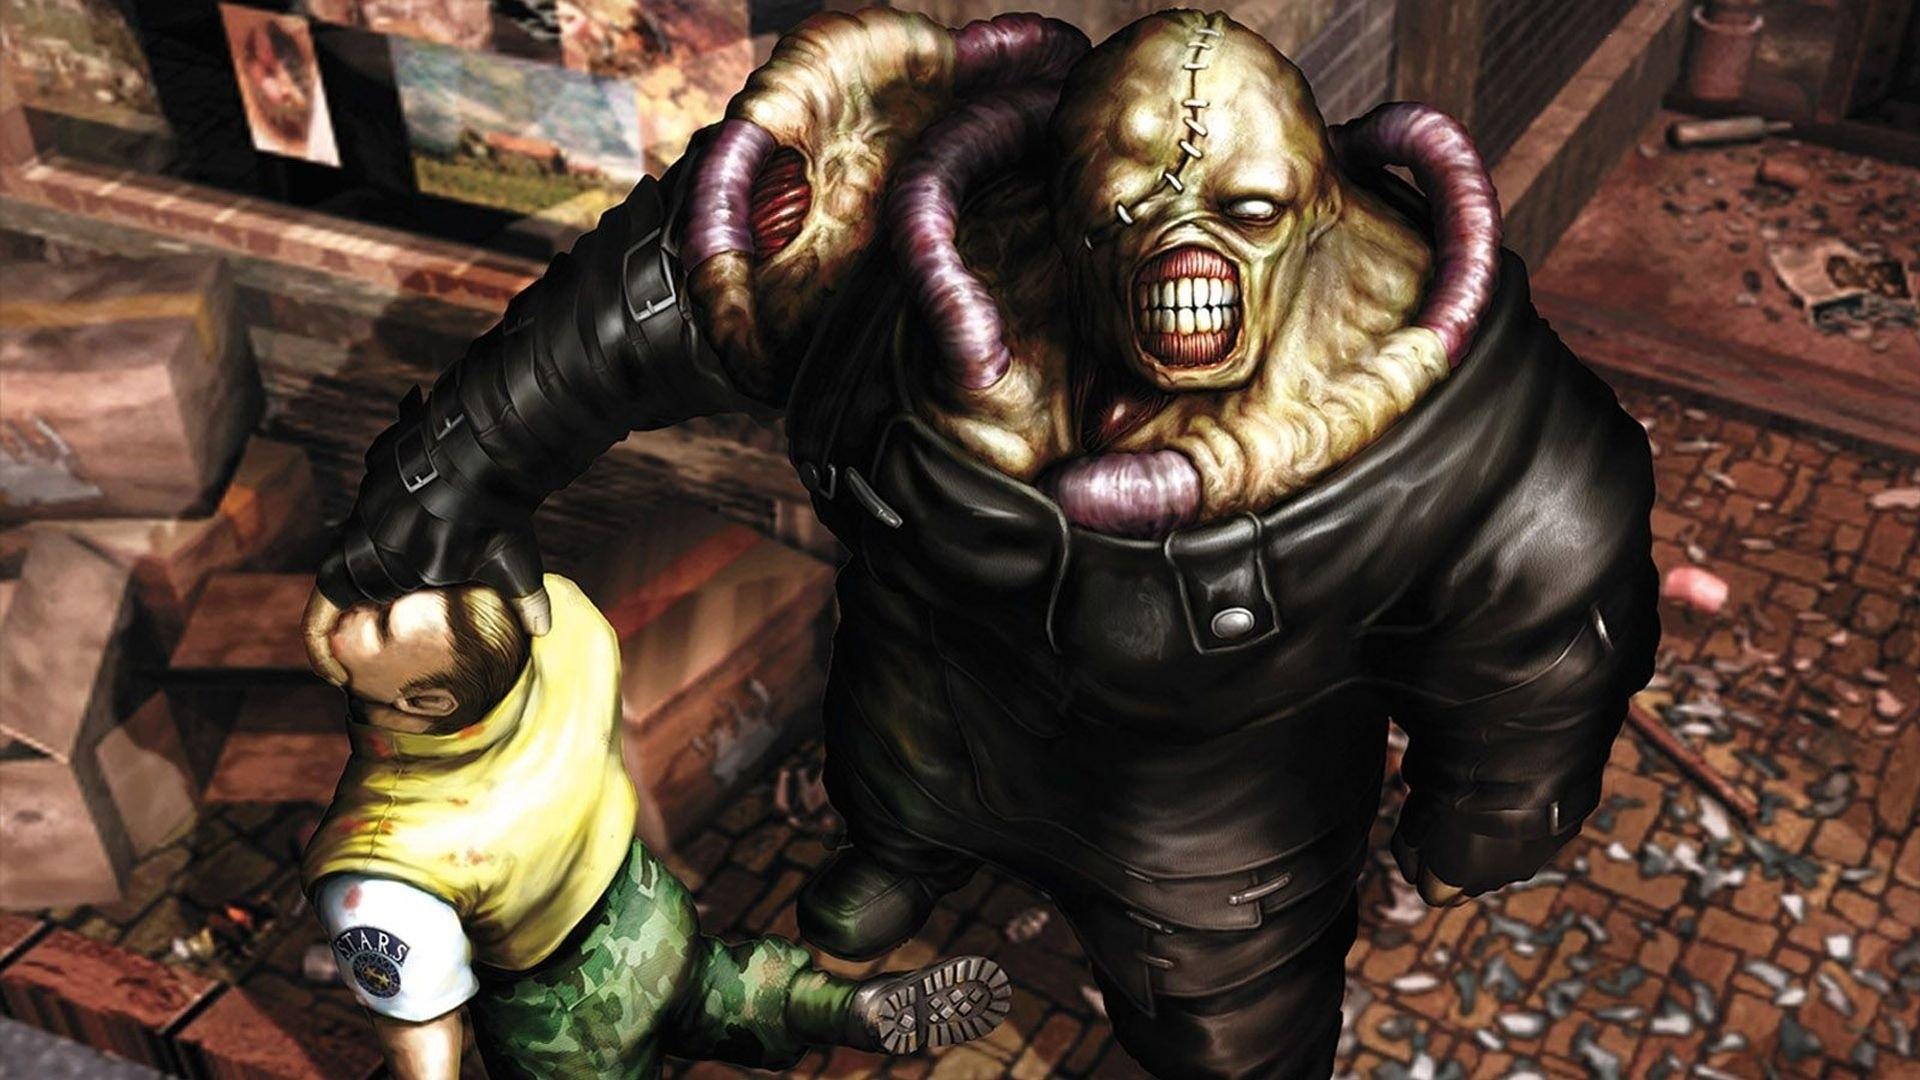 resident evil 3: nemesis full hd fond d'écran and arrière-plan